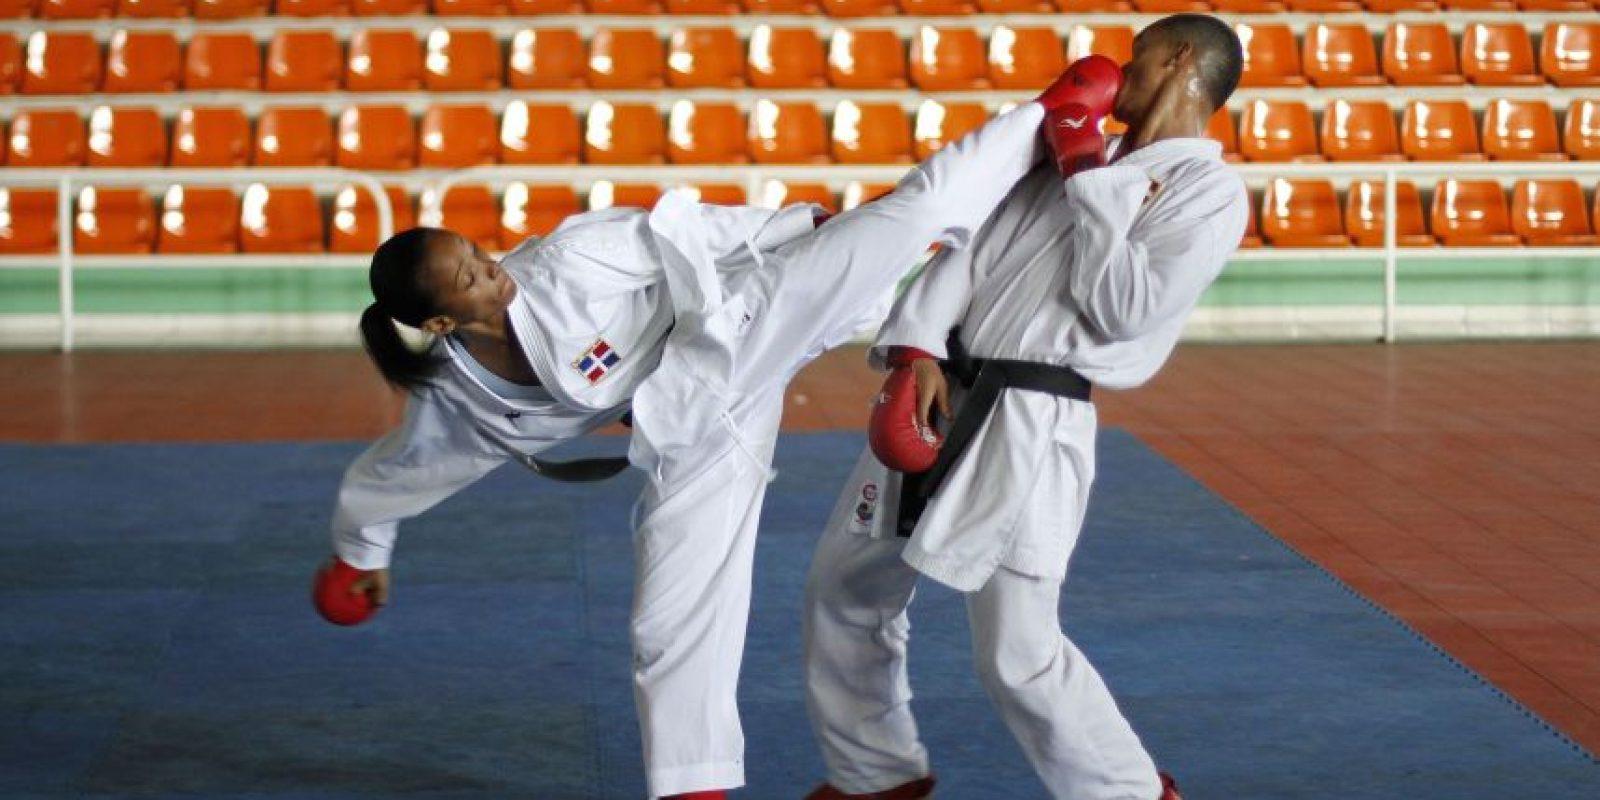 Entrenamiento: Ana Villanueva entrena con sus compañeros del equipo masculino para foguearse al más alto nivel. roberto guzmán Foto:Roberto Guzmán